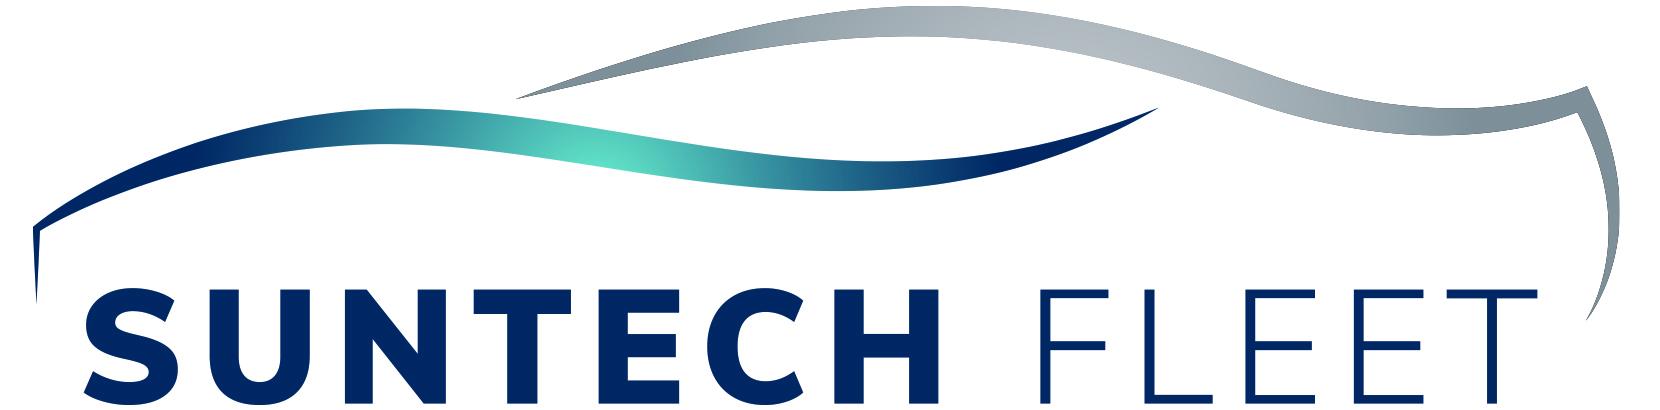 Suntech Fleet Management